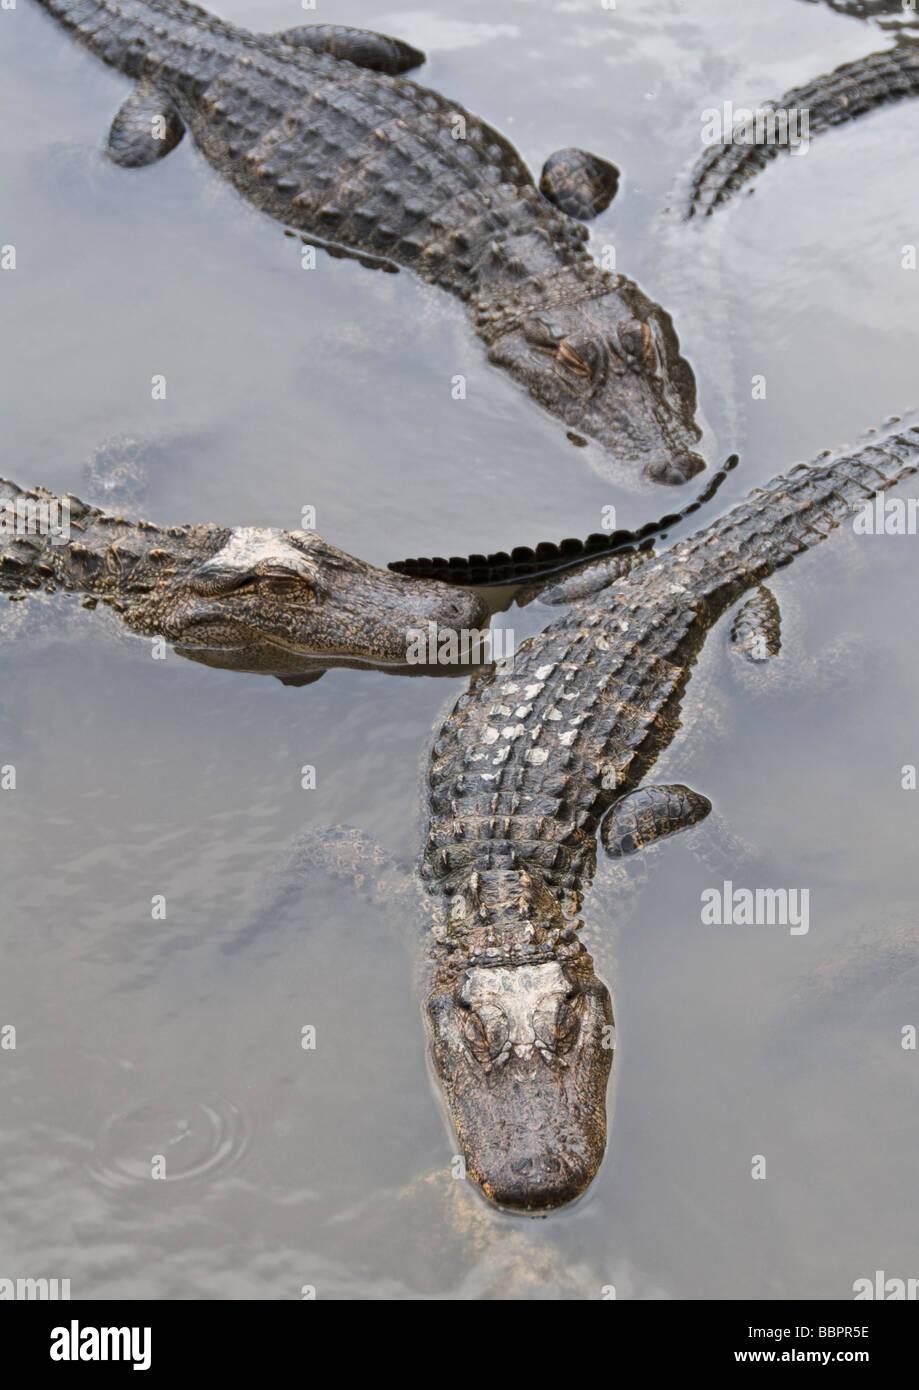 Mosca de Colorado Gators Colorado Alligator Farm y el parque de reptiles Imagen De Stock